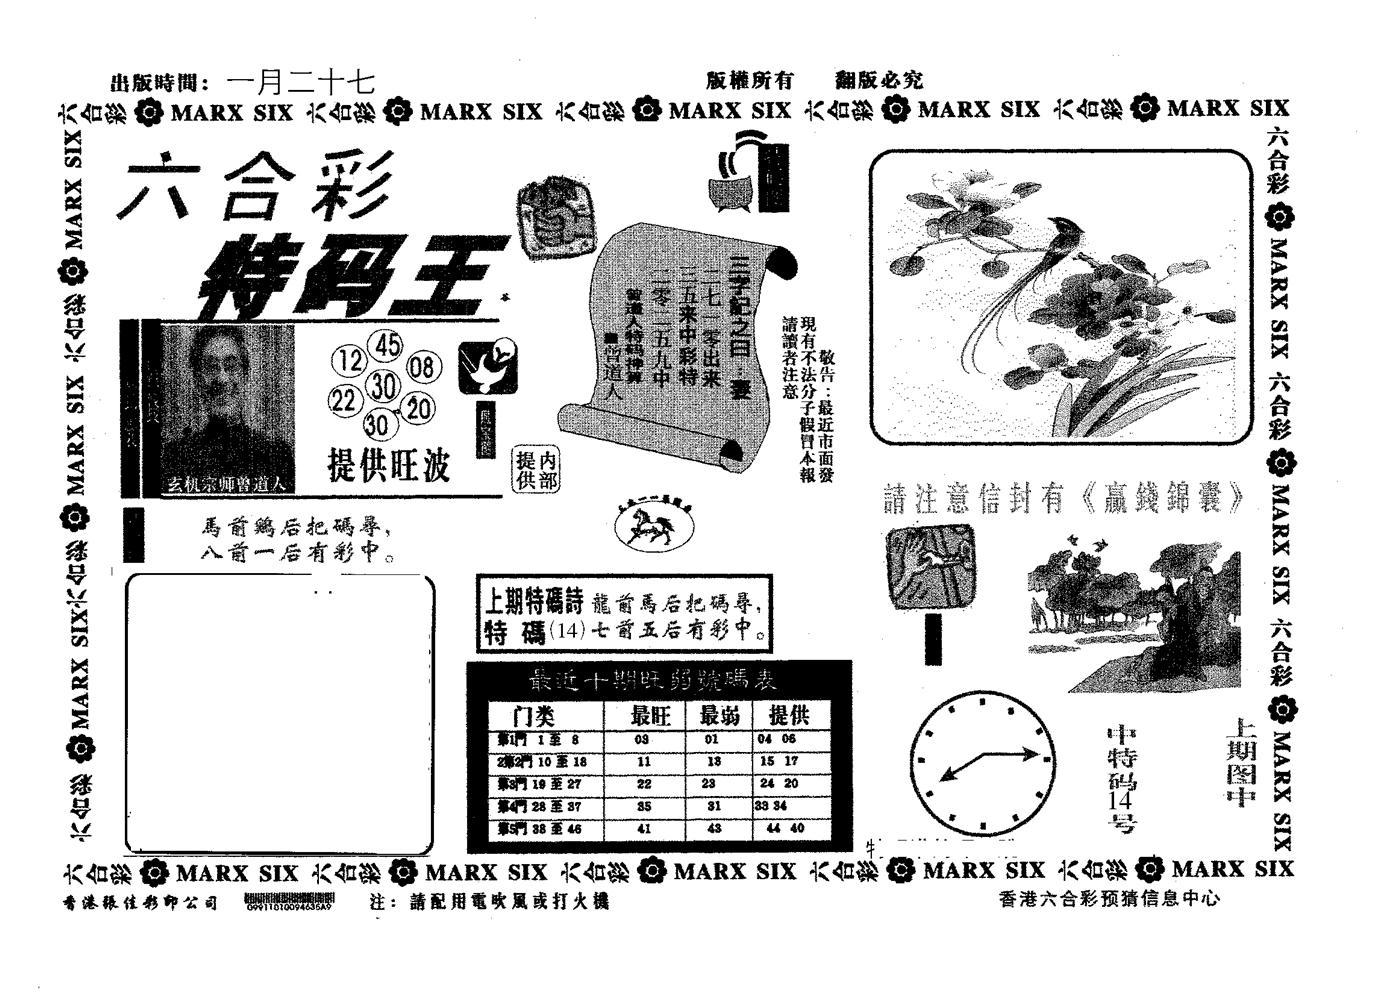 062期特码王B(黑白)